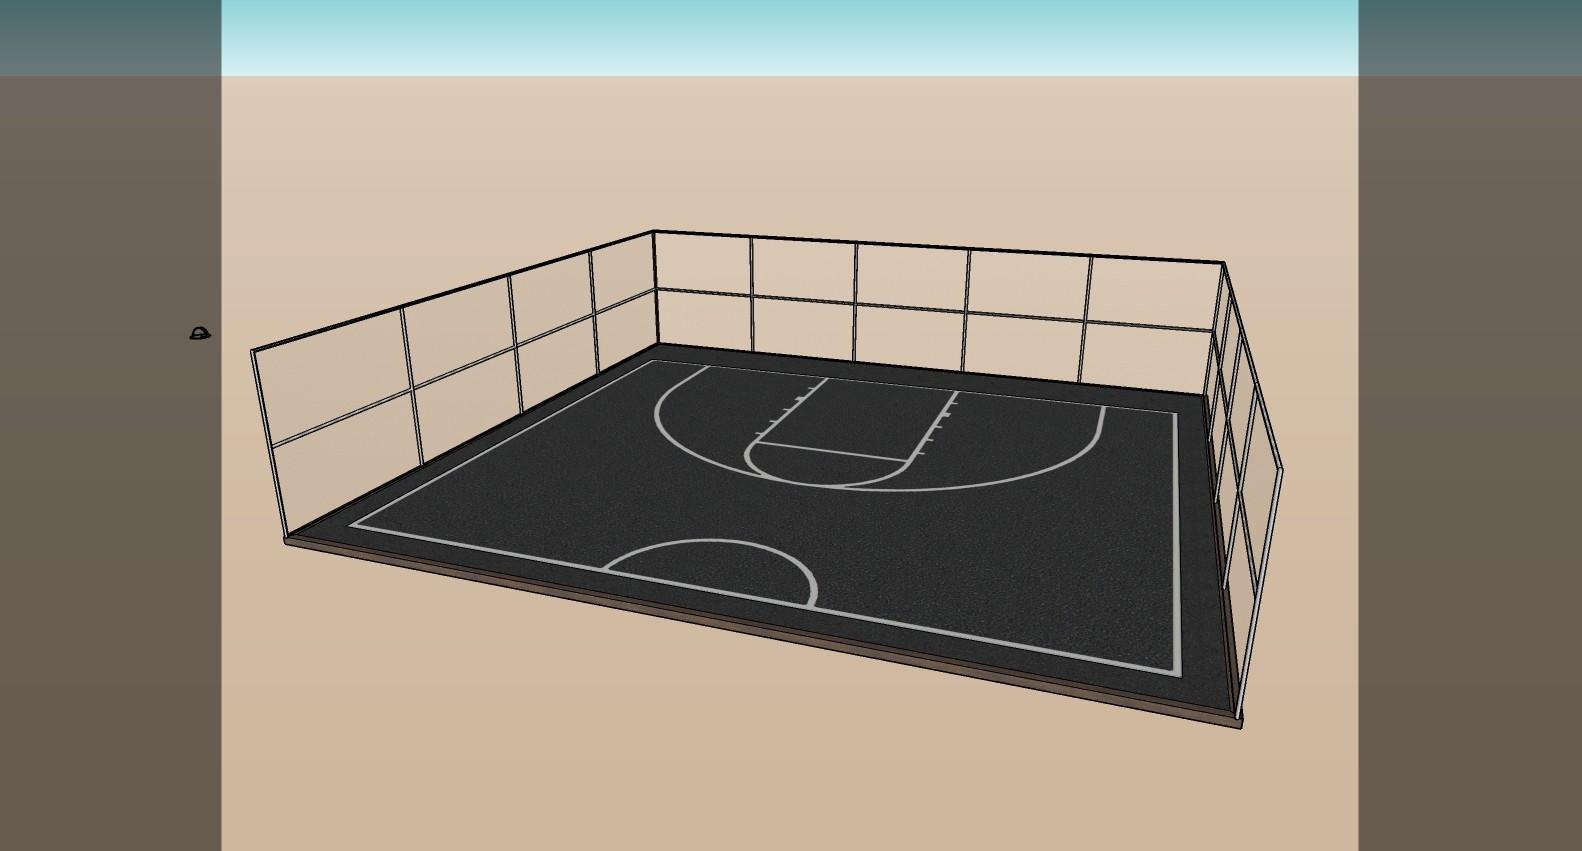 Basketball Field Screenshot